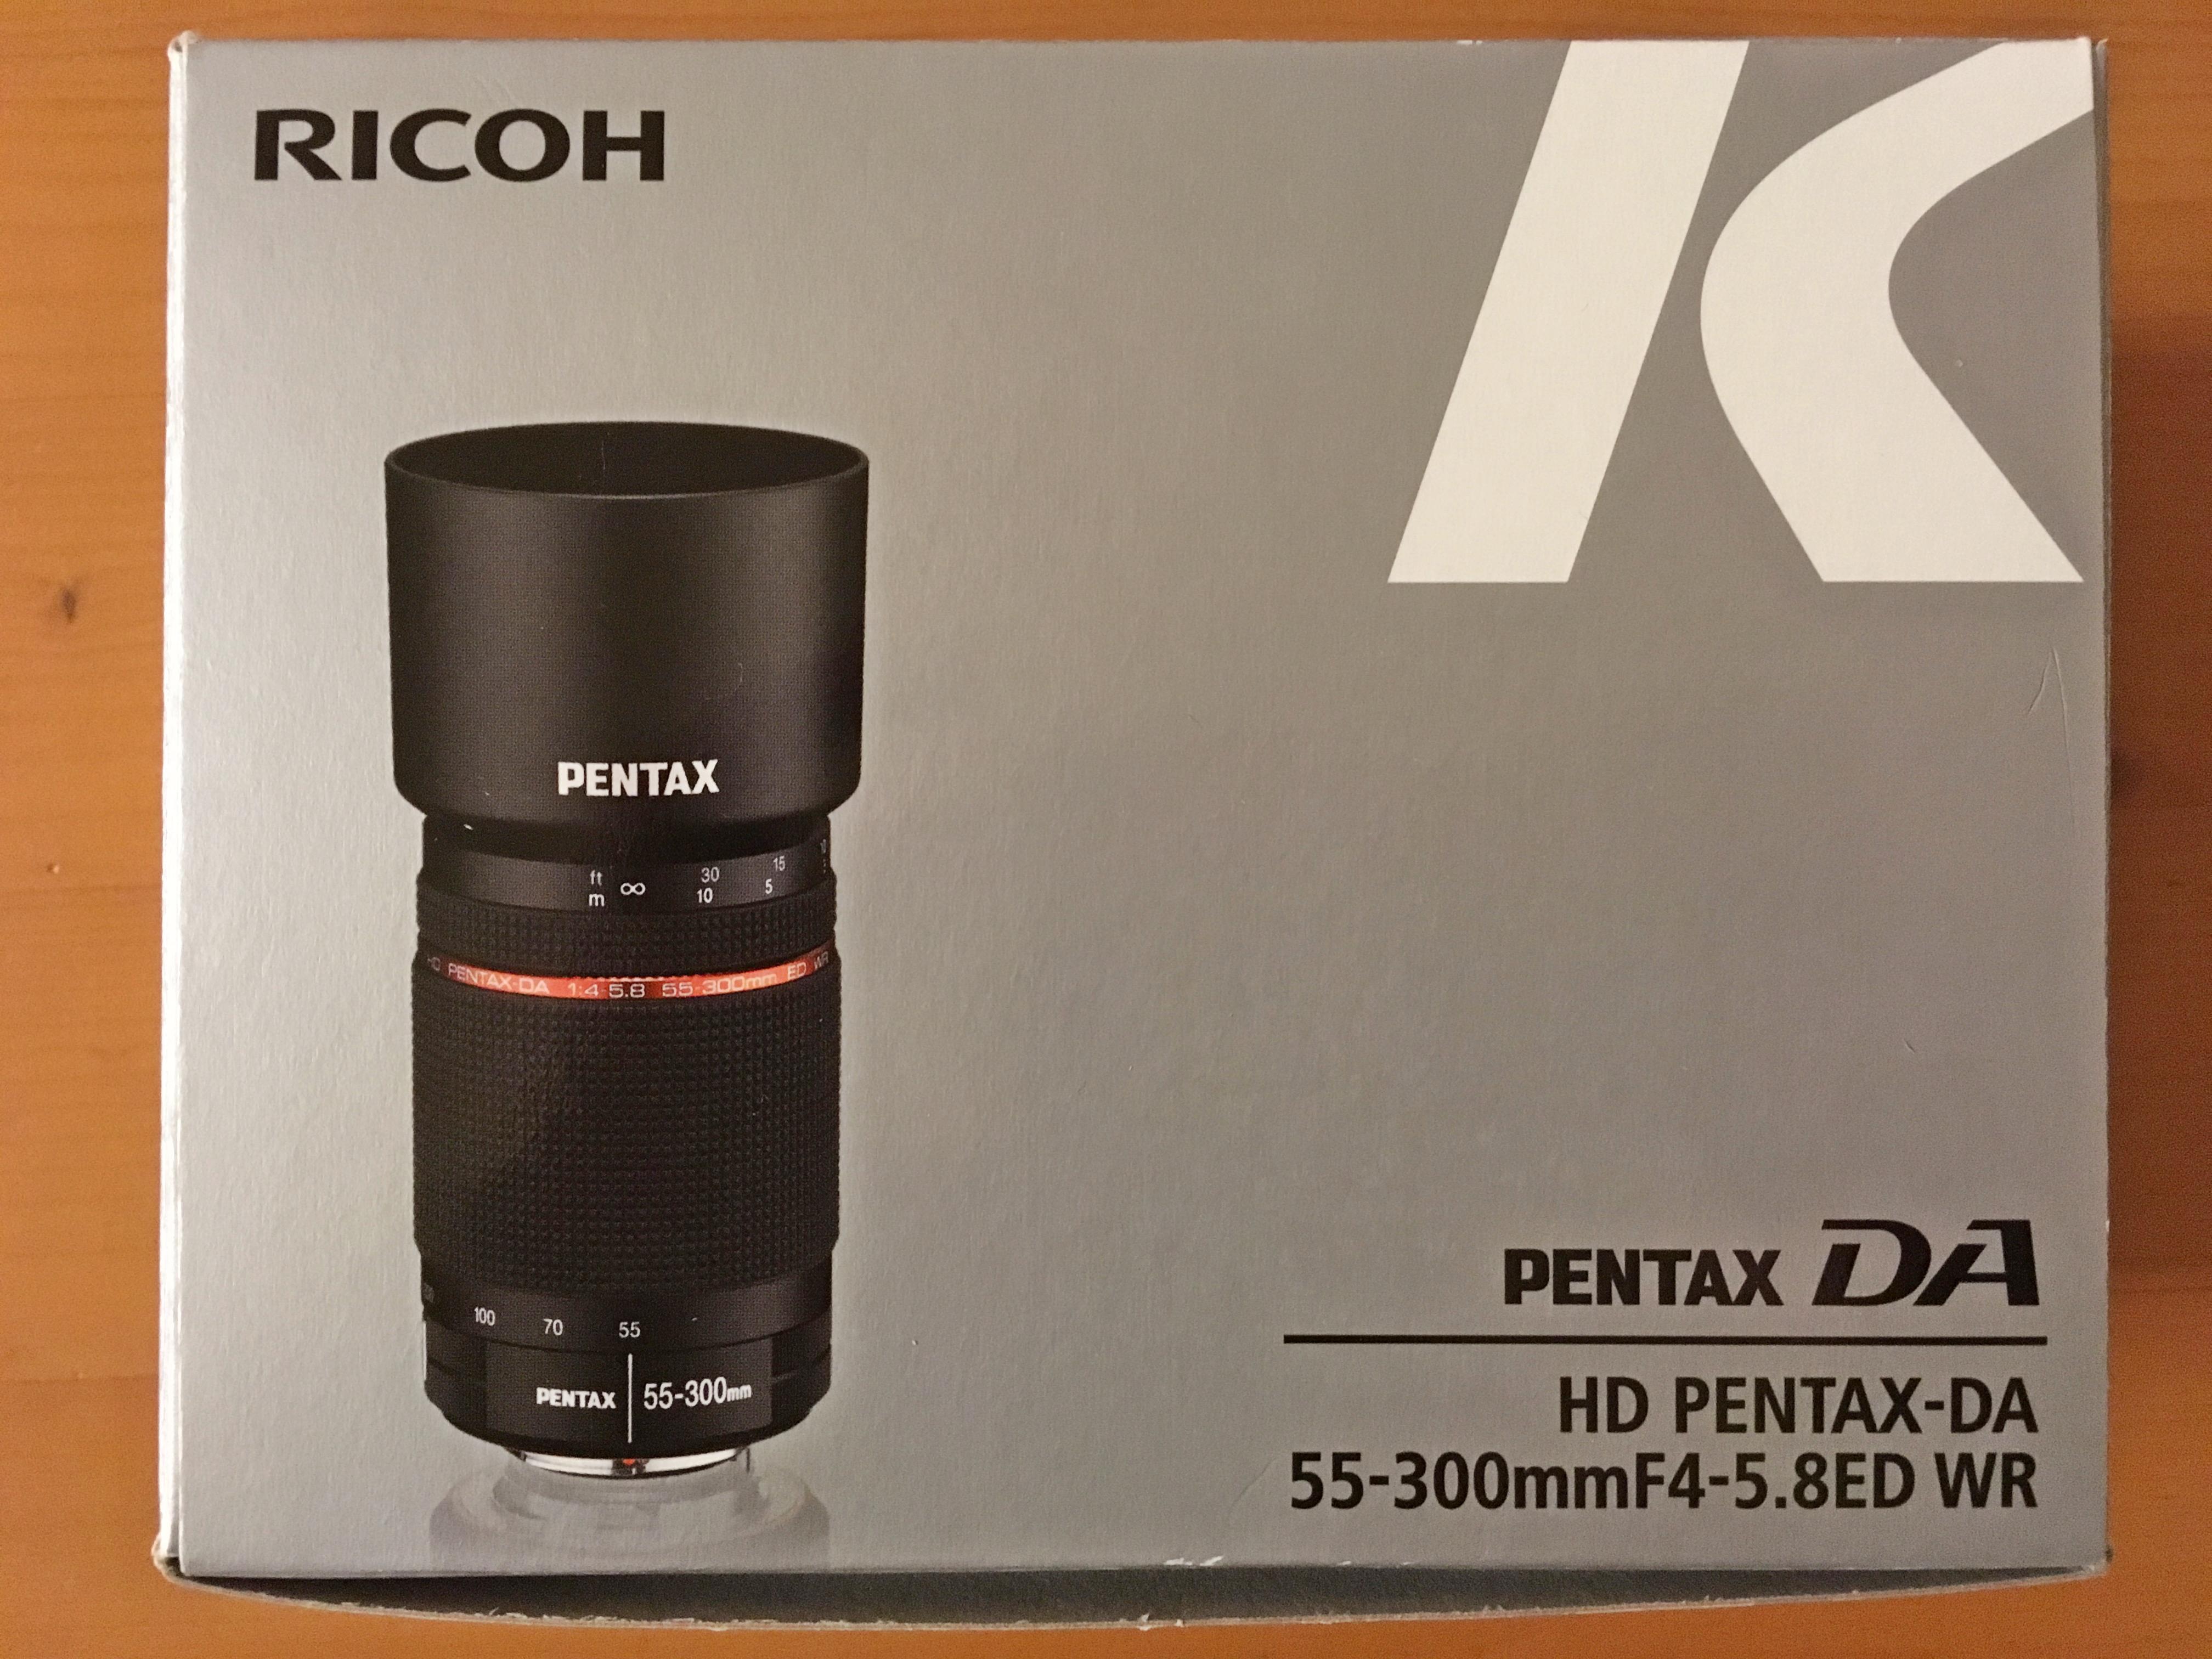 PENTAX DA 55-300mm 外箱.JPG